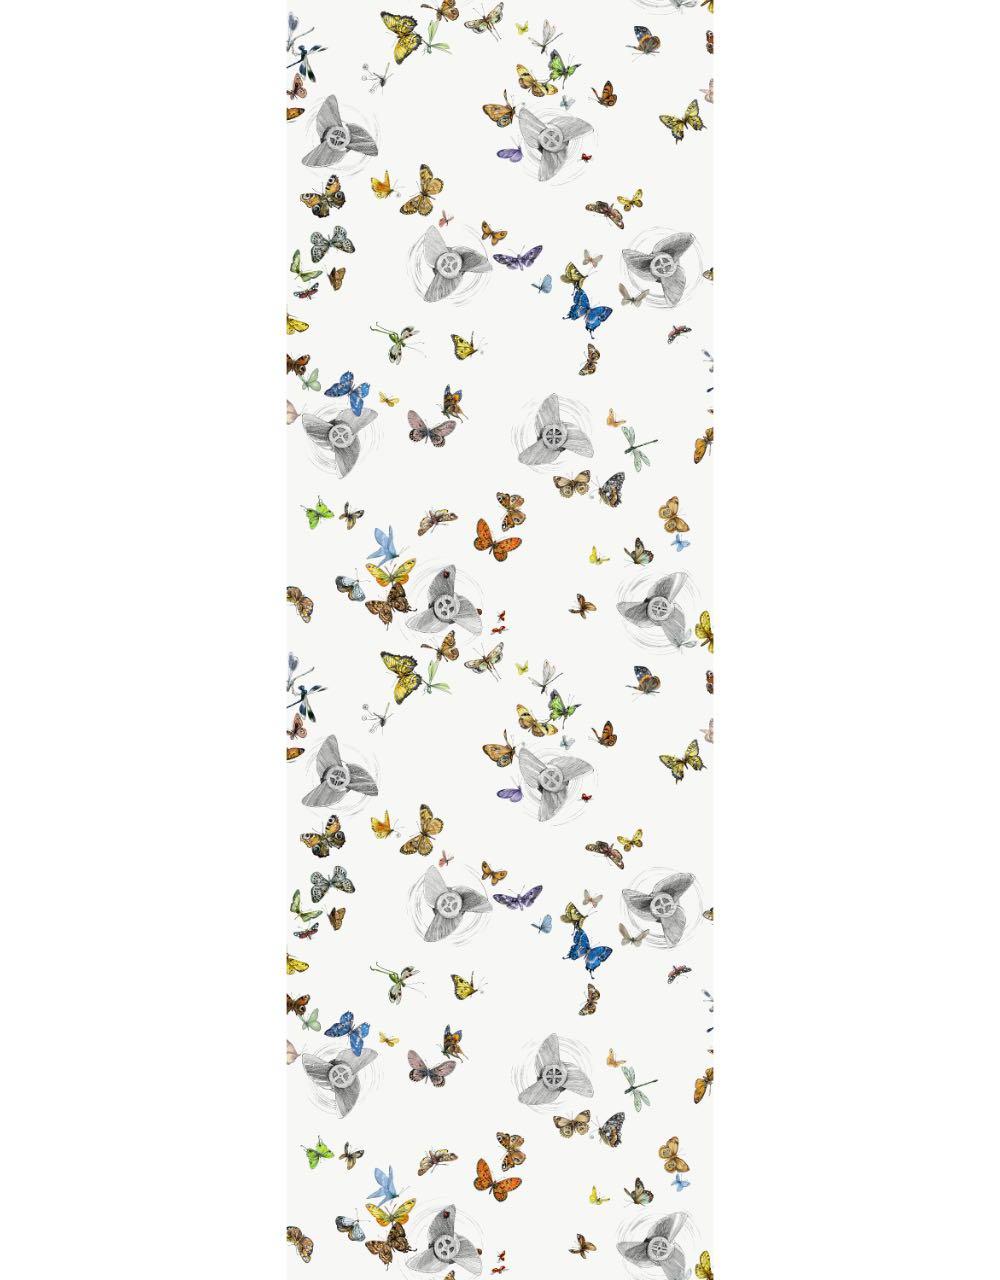 フランス壁紙 フリース(不織布) - 防炎加工 by キャサリン・グラン 《エンヴォルフ》 マルチ